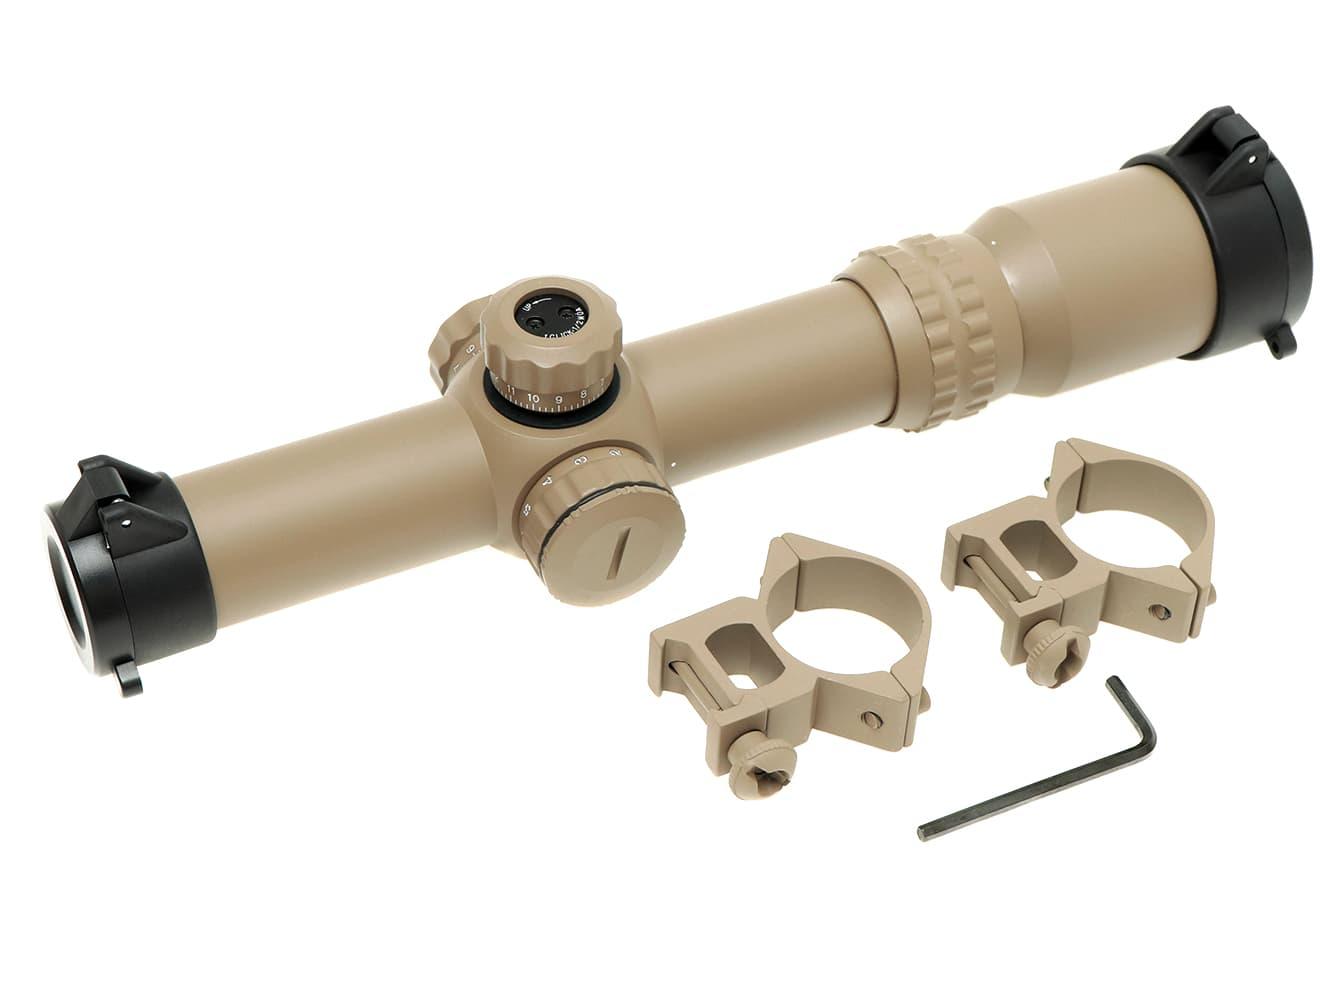 1-4×24 CQBショートズームスコープ イルミネーション◆TAN 4倍 マウントリング付 24mm対物レンズ 20mmレール用 視度調整ダイヤル付 近接戦闘 ライフルスコープ